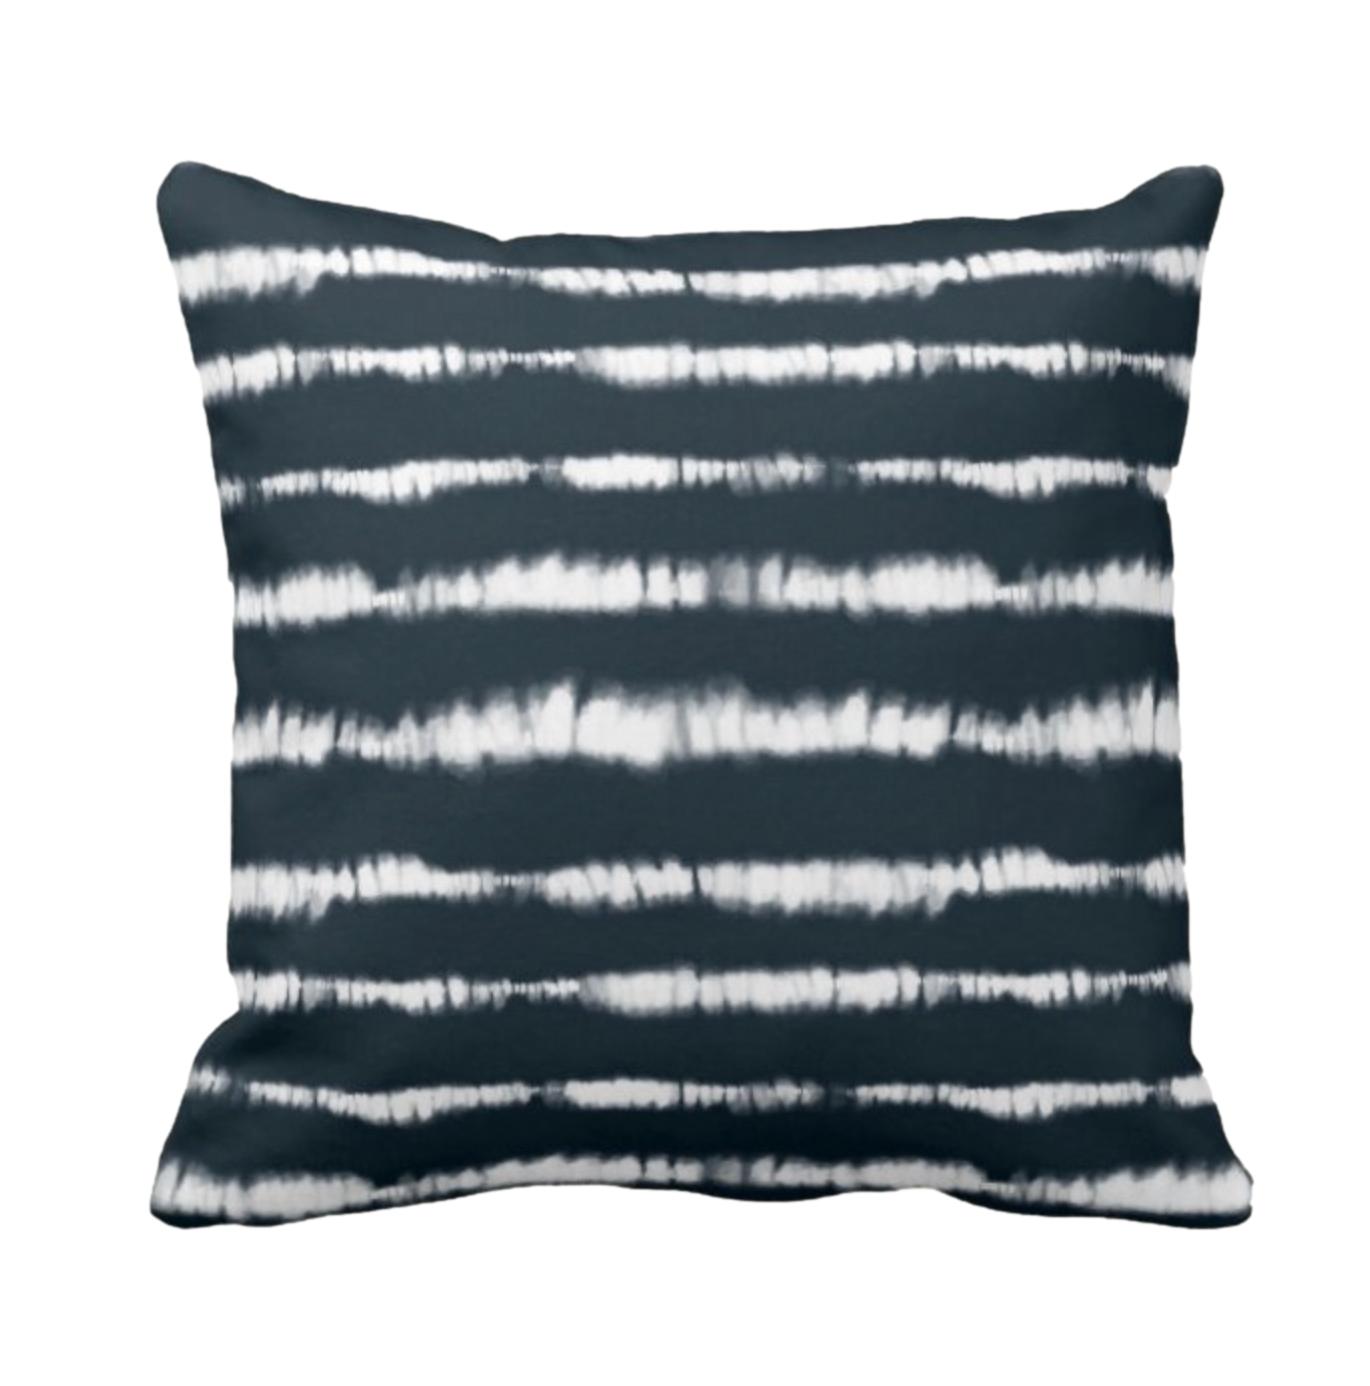 Tie Dye Print Design Throw Cushion 7